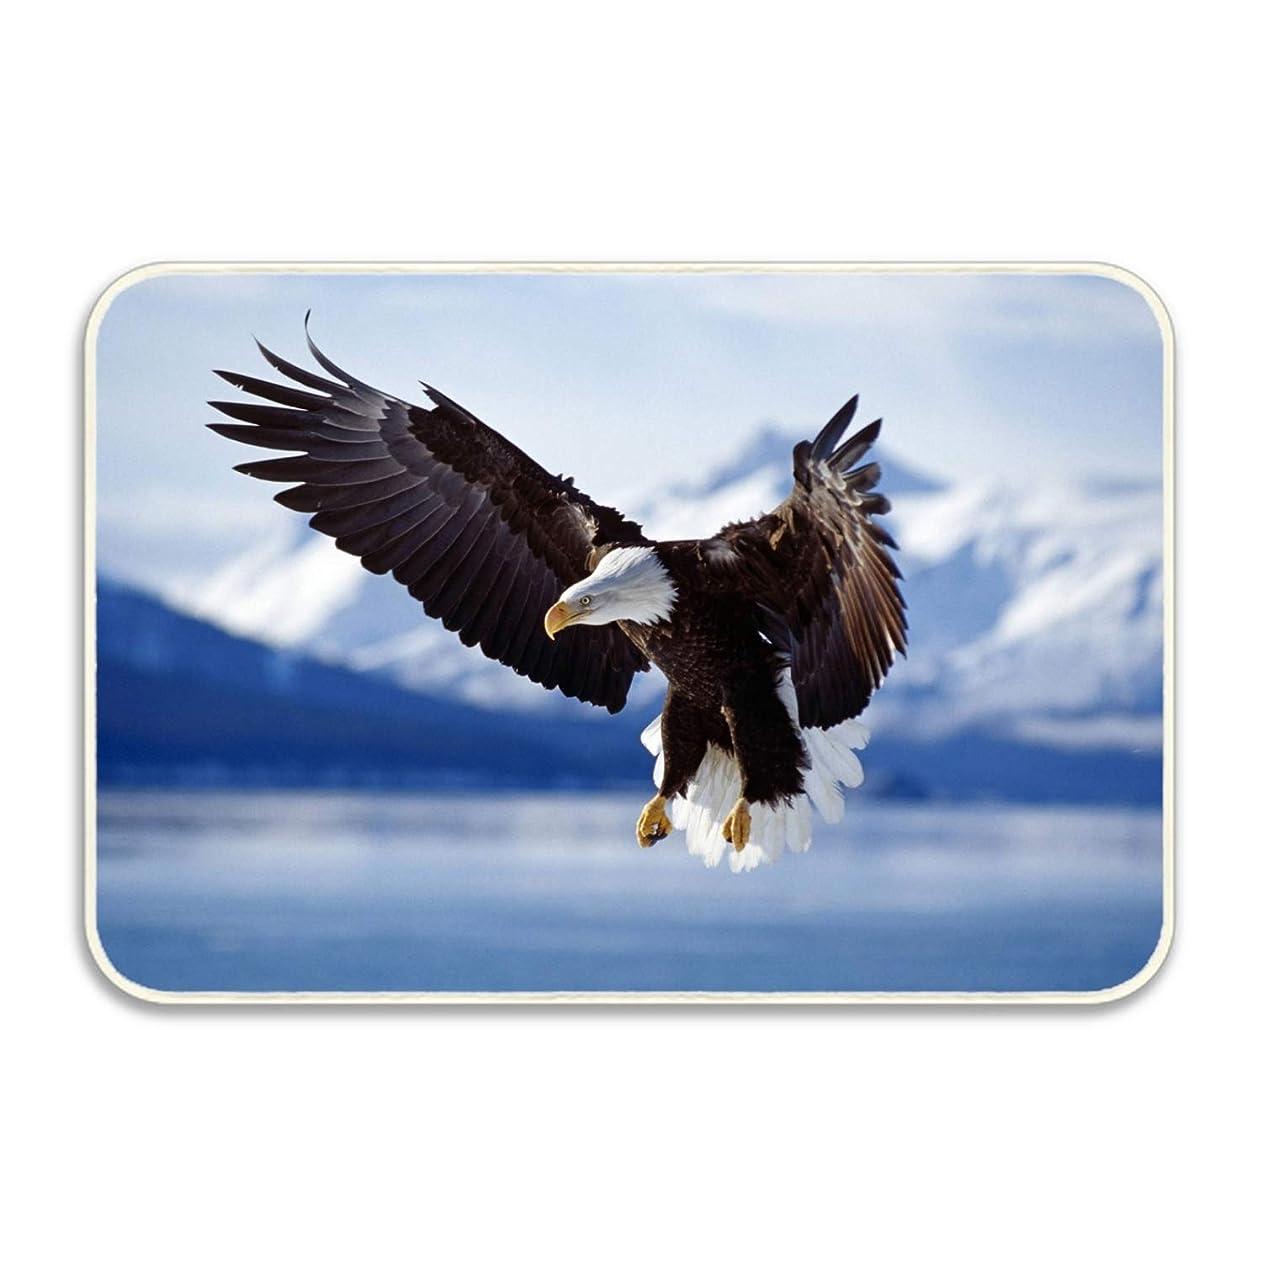 二年生舗装脅迫3Dプリント染め バスルームカーペット ドアマット ト シャワーマット 吸収性キッチンドアカーペット アラスカの白頭Eagle